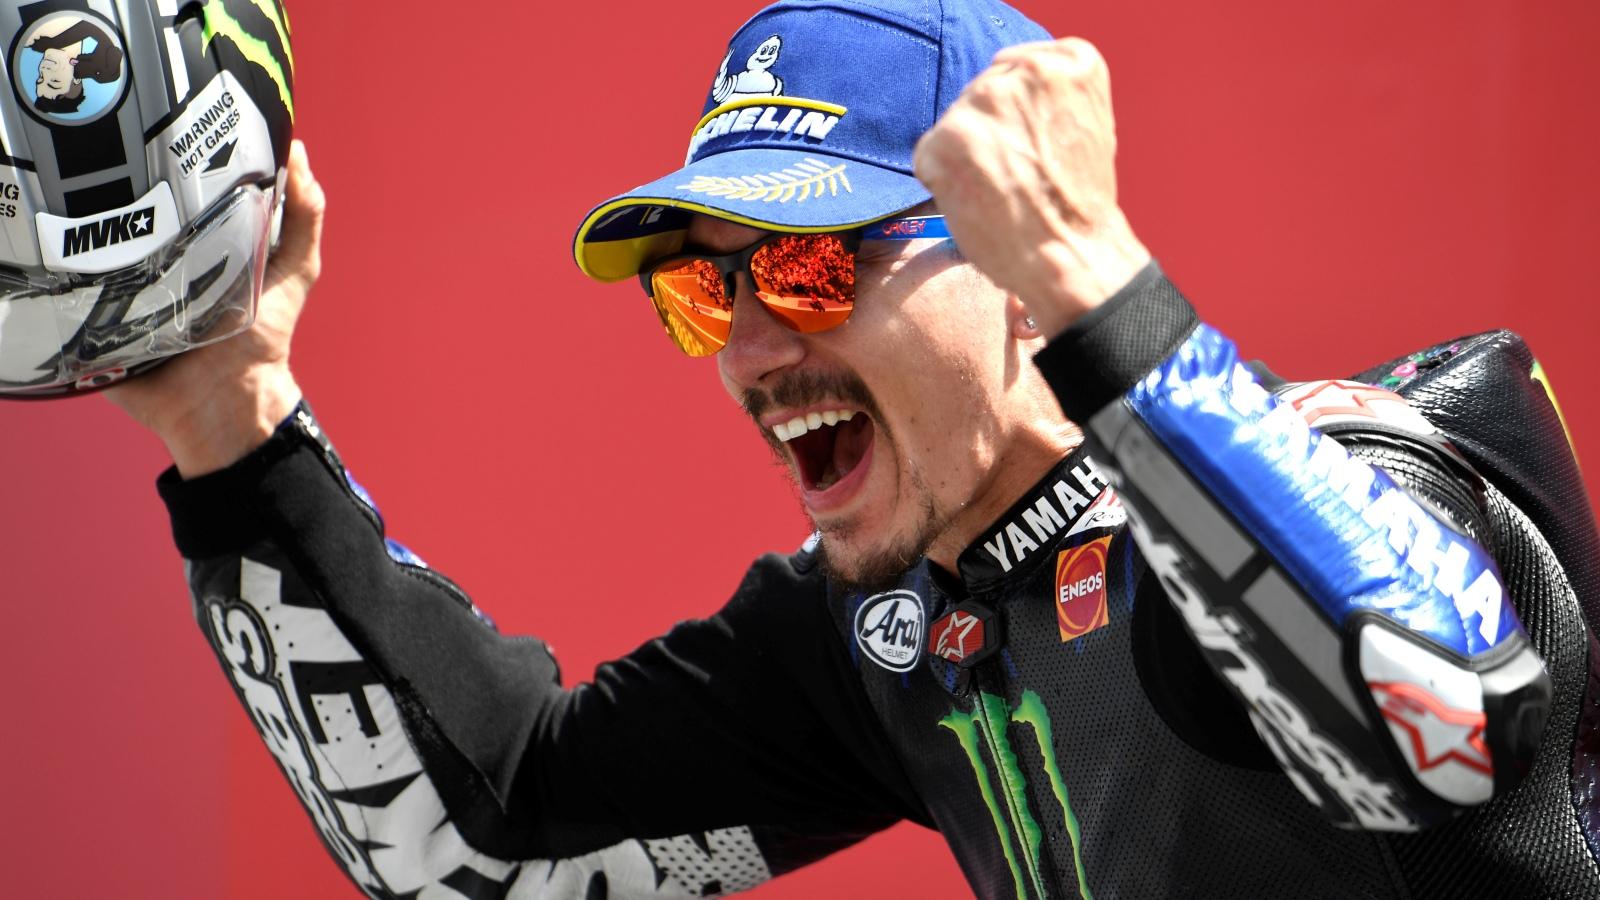 """Maverick Viñales: """"La mejora está en la manera de pilotar y de intentar entender la moto"""""""